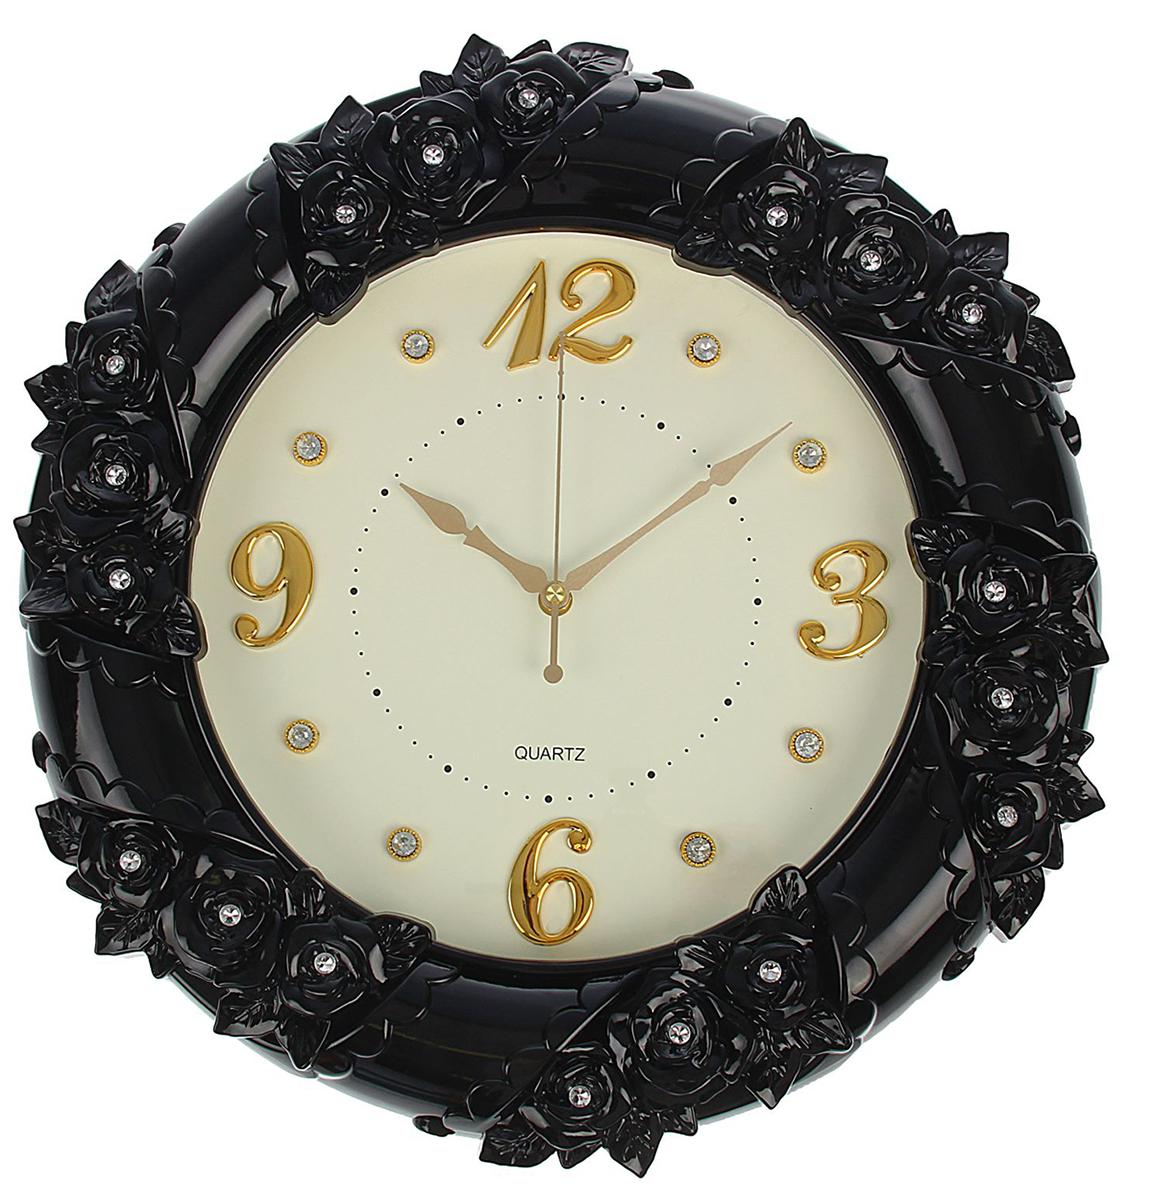 Часы настенные Лепнина, цвет: черный 48 х 48 см1392780Каждому хозяину периодически приходит мысль обновить свою квартиру, сделать ремонт, перестановку или кардинально поменять внешний вид каждой комнаты. Часы настенные круглые Пышные цветы, d=48 см, рама черная лепнина, циферблат белый — привлекательная деталь, которая поможет воплотить вашу интерьерную идею, создать неповторимую атмосферу в вашем доме. Окружите себя приятными мелочами, пусть они радуют глаз и дарят гармонию.Часы настенные, черная лепнина с декор камнями, бел циферблат, 48х48х6 см 1392780